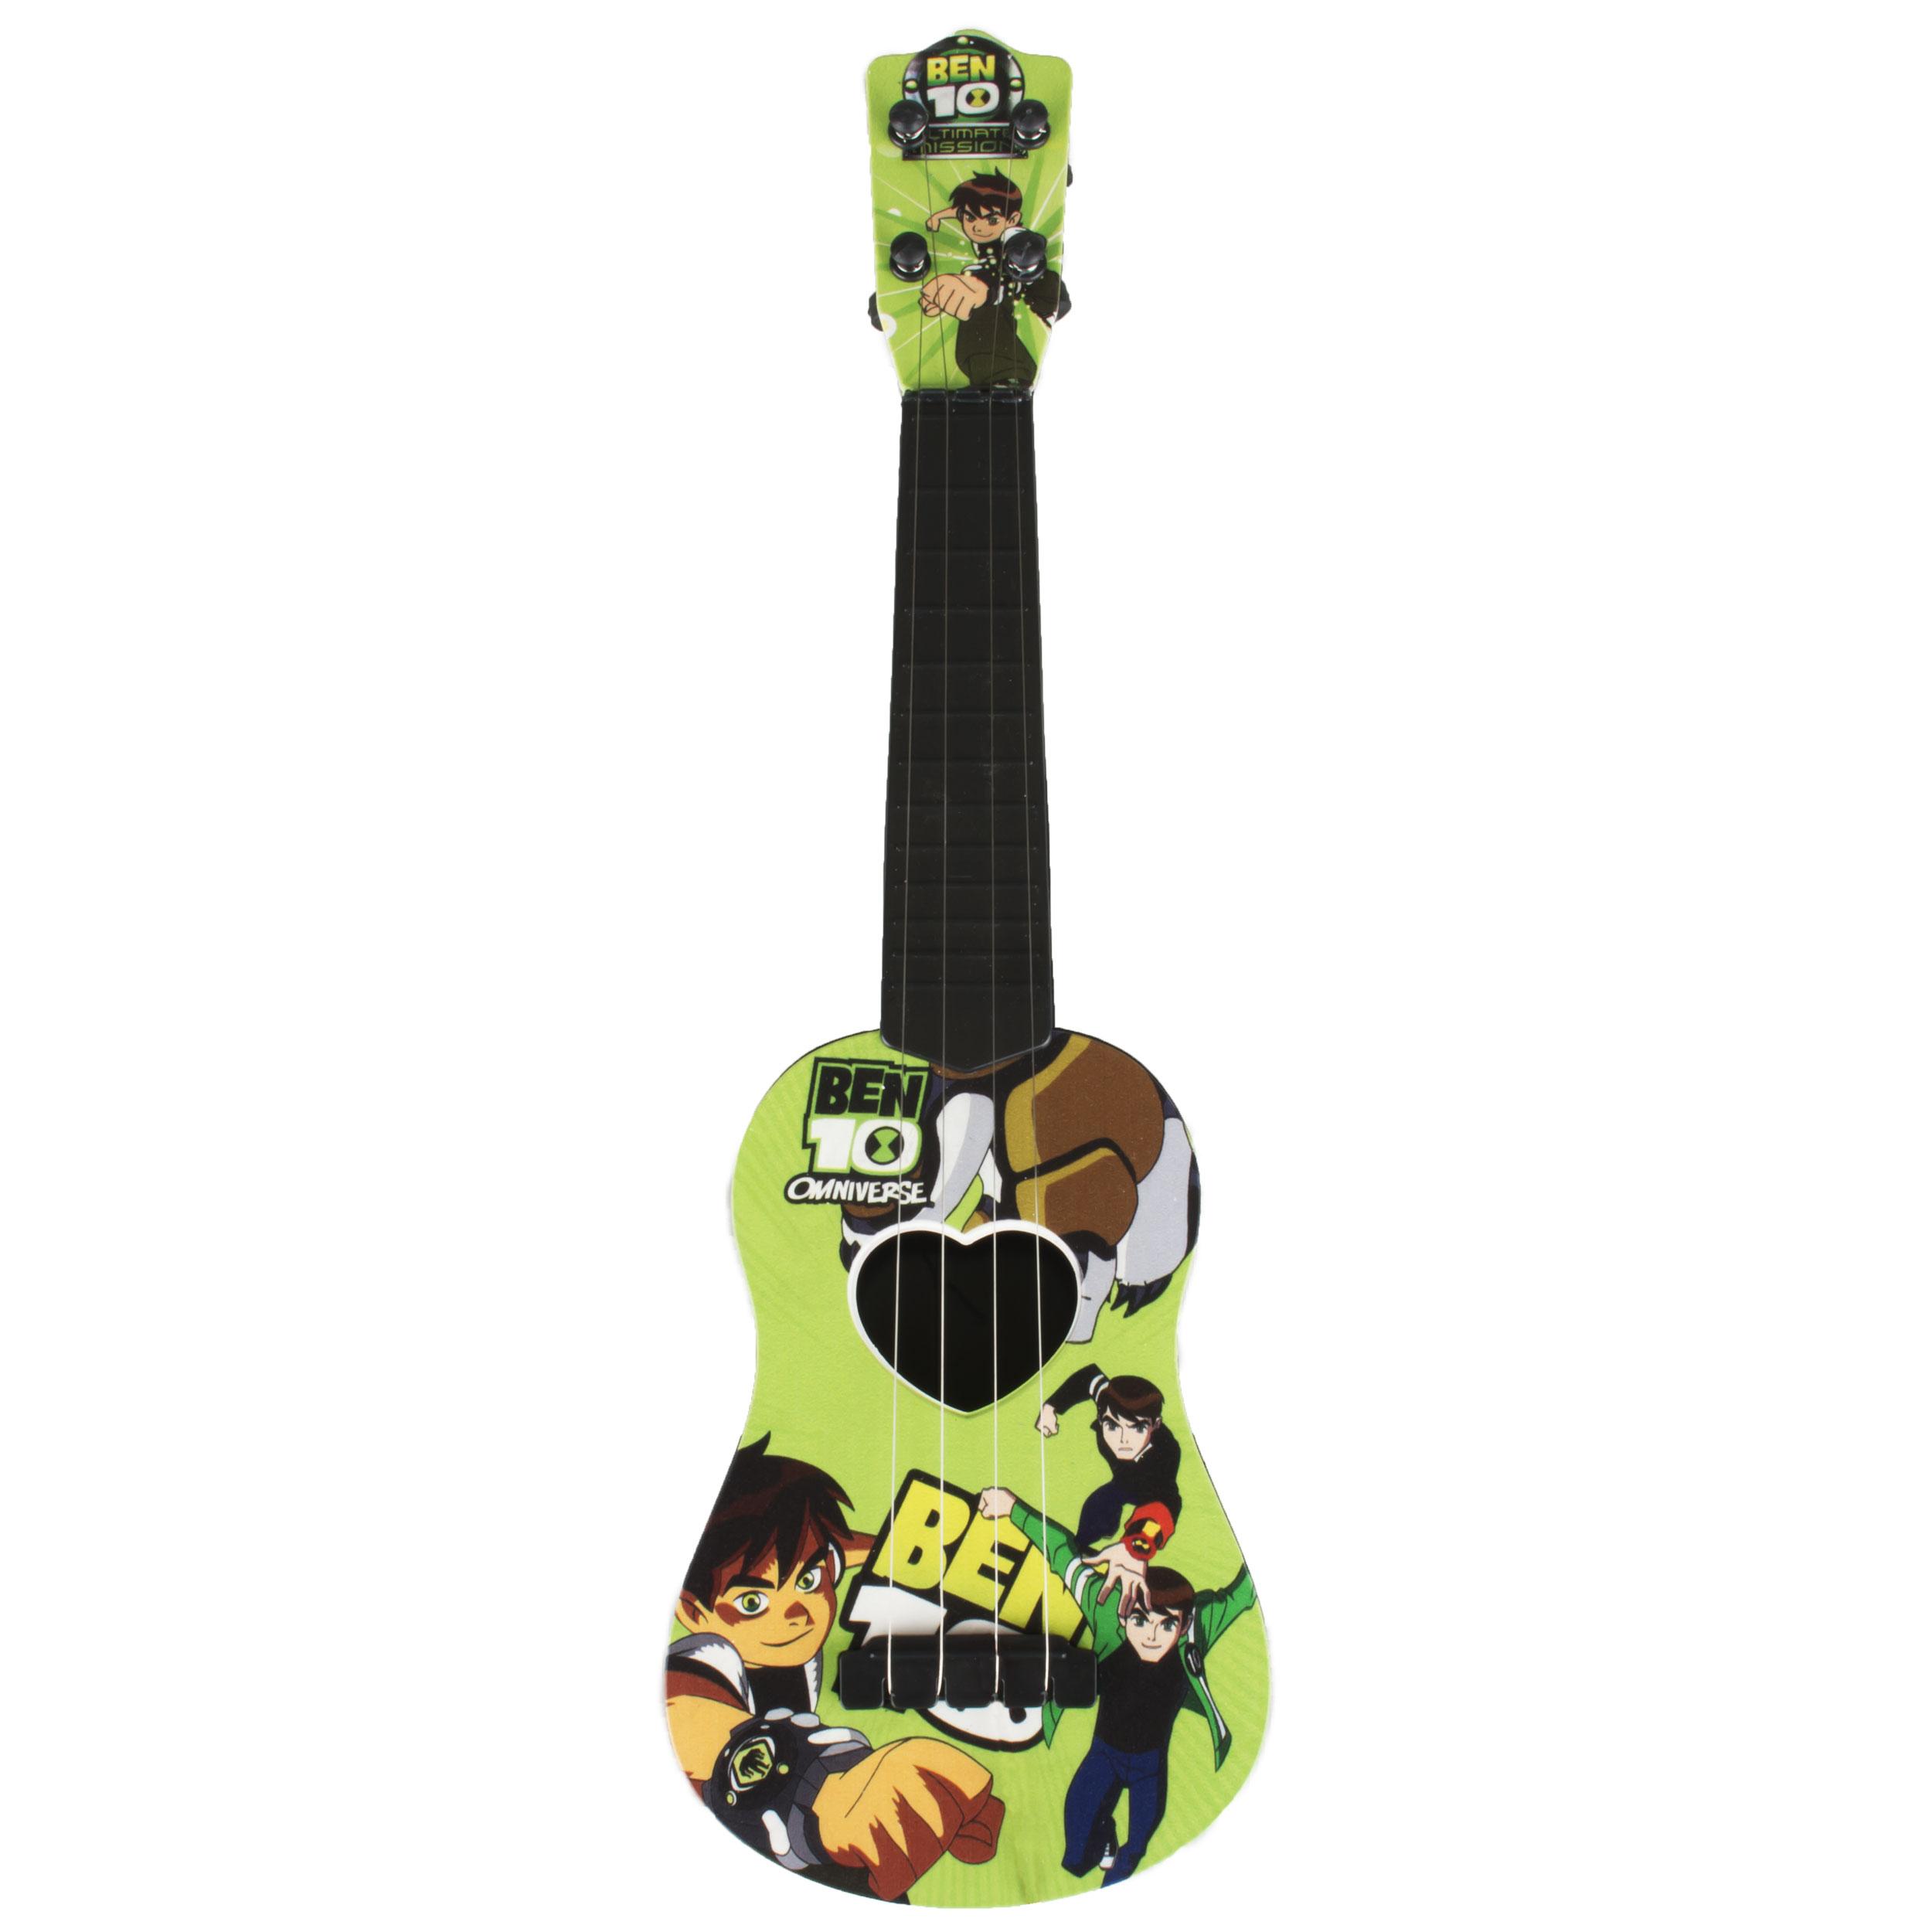 خرید                     گیتار اسباب بازی میوزیک گیتار مدل 890 طرح Ben 10